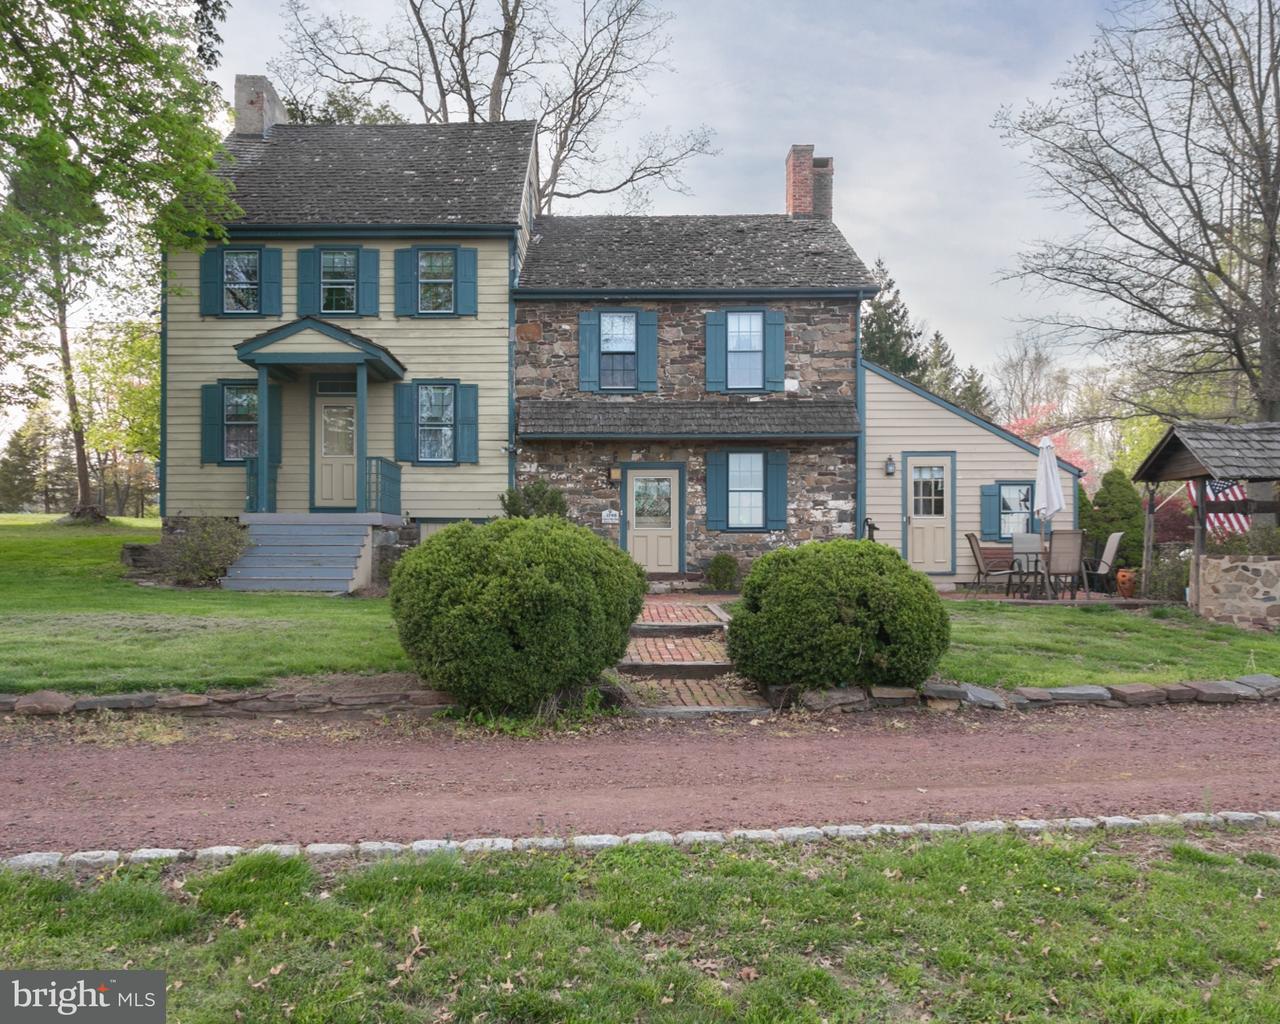 Maison unifamiliale pour l Vente à 1258 BEAR TAVERN Road Titusville, New Jersey 08560 États-UnisDans/Autour: Hopewell Township